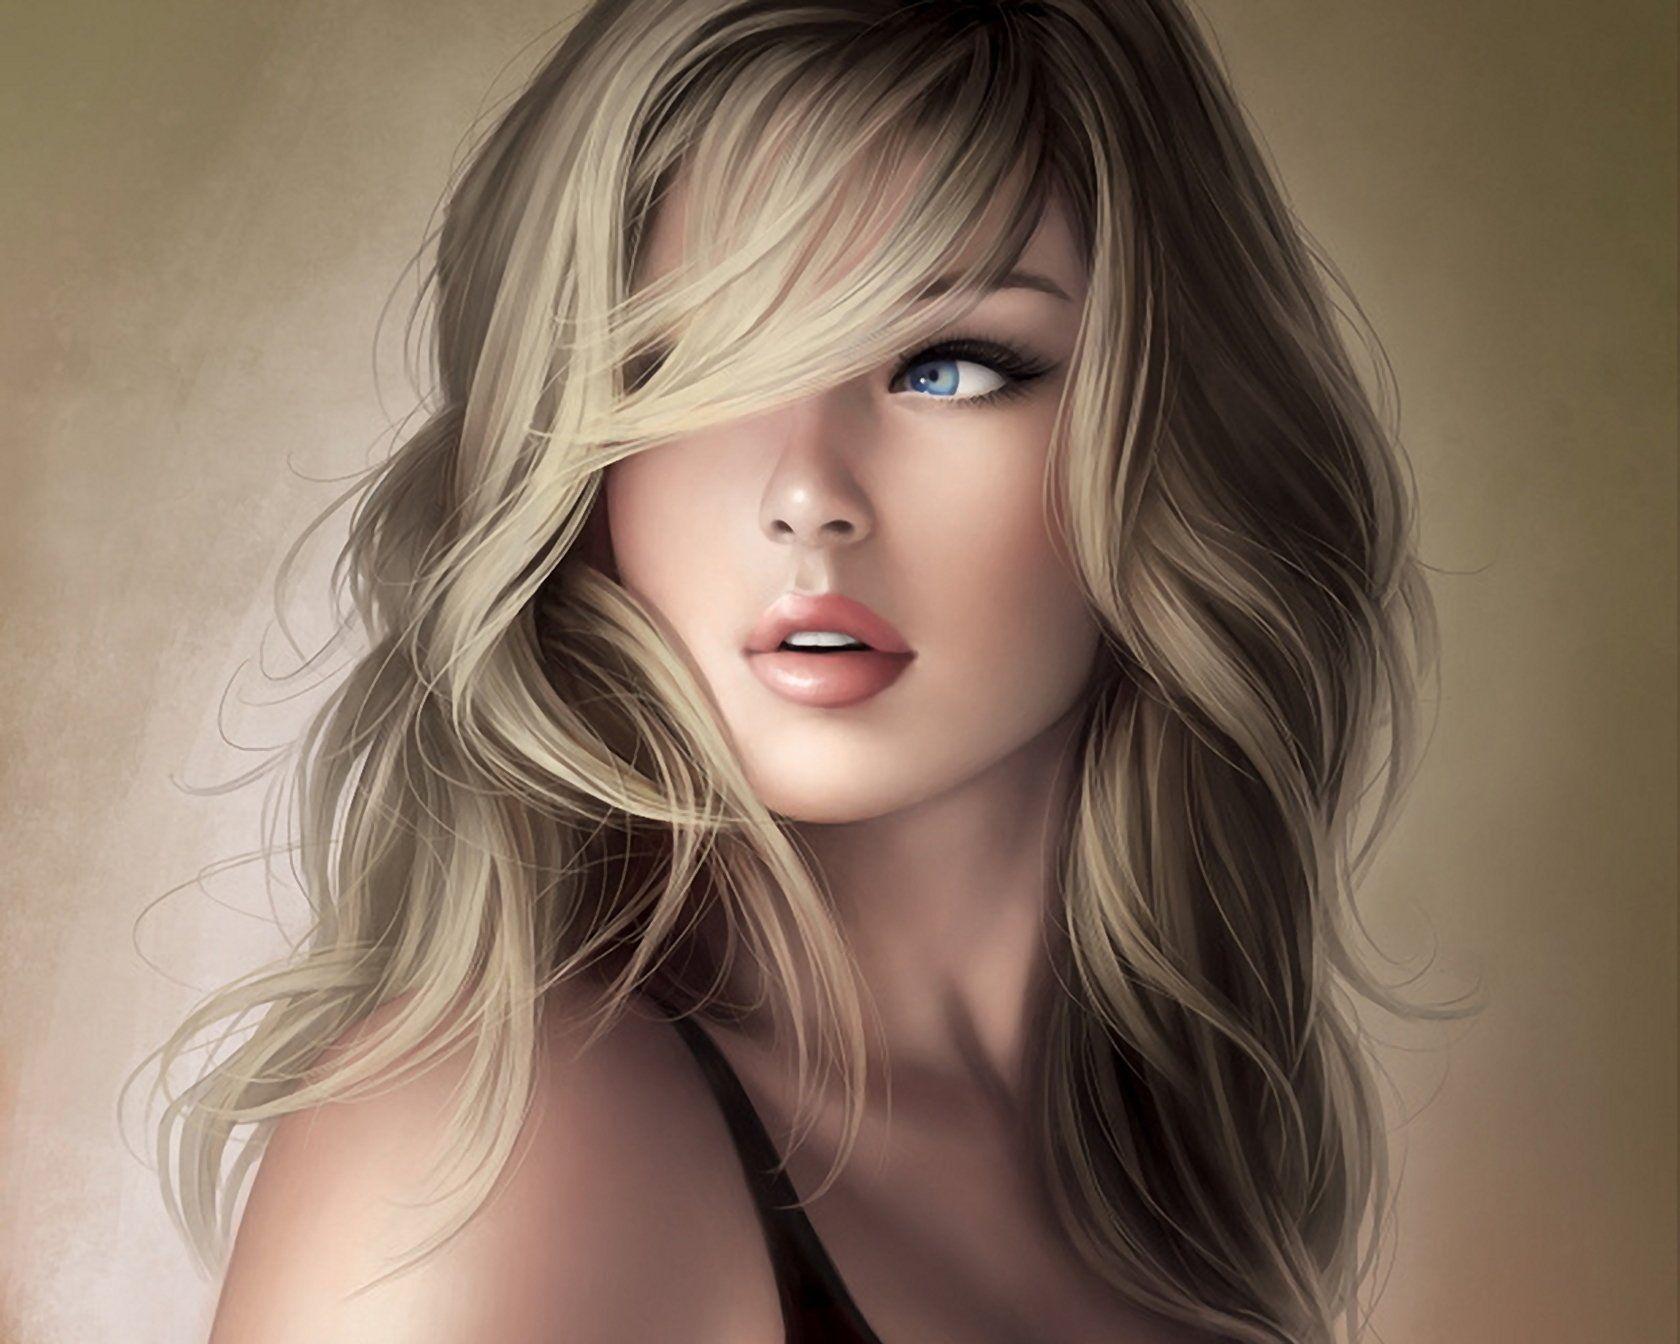 Красивые фото девушек блондинок 21 год ВКонтакте (14)